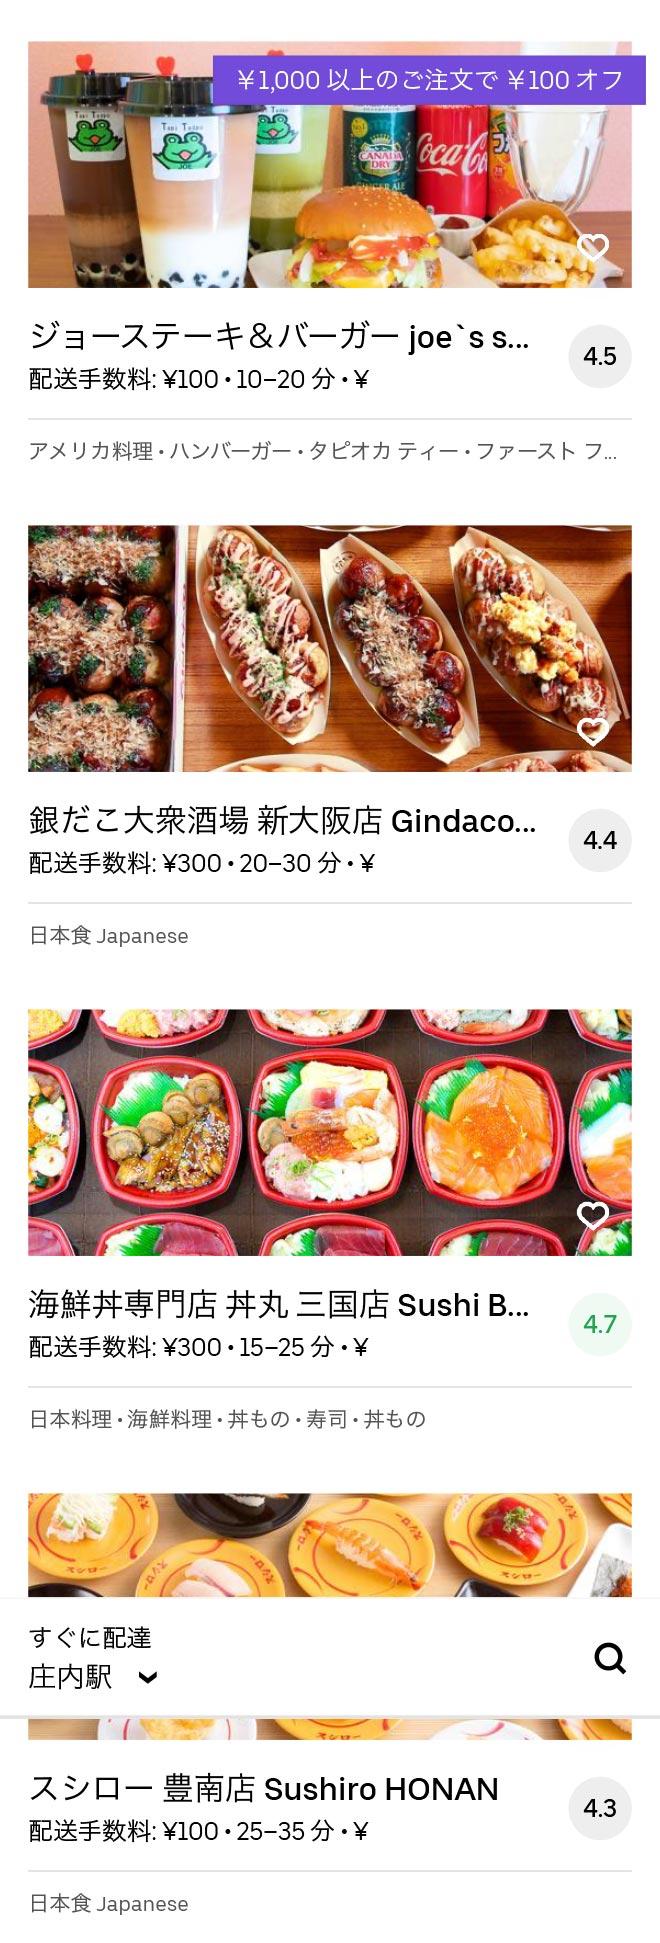 Toyonaka shounai menu 2005 03